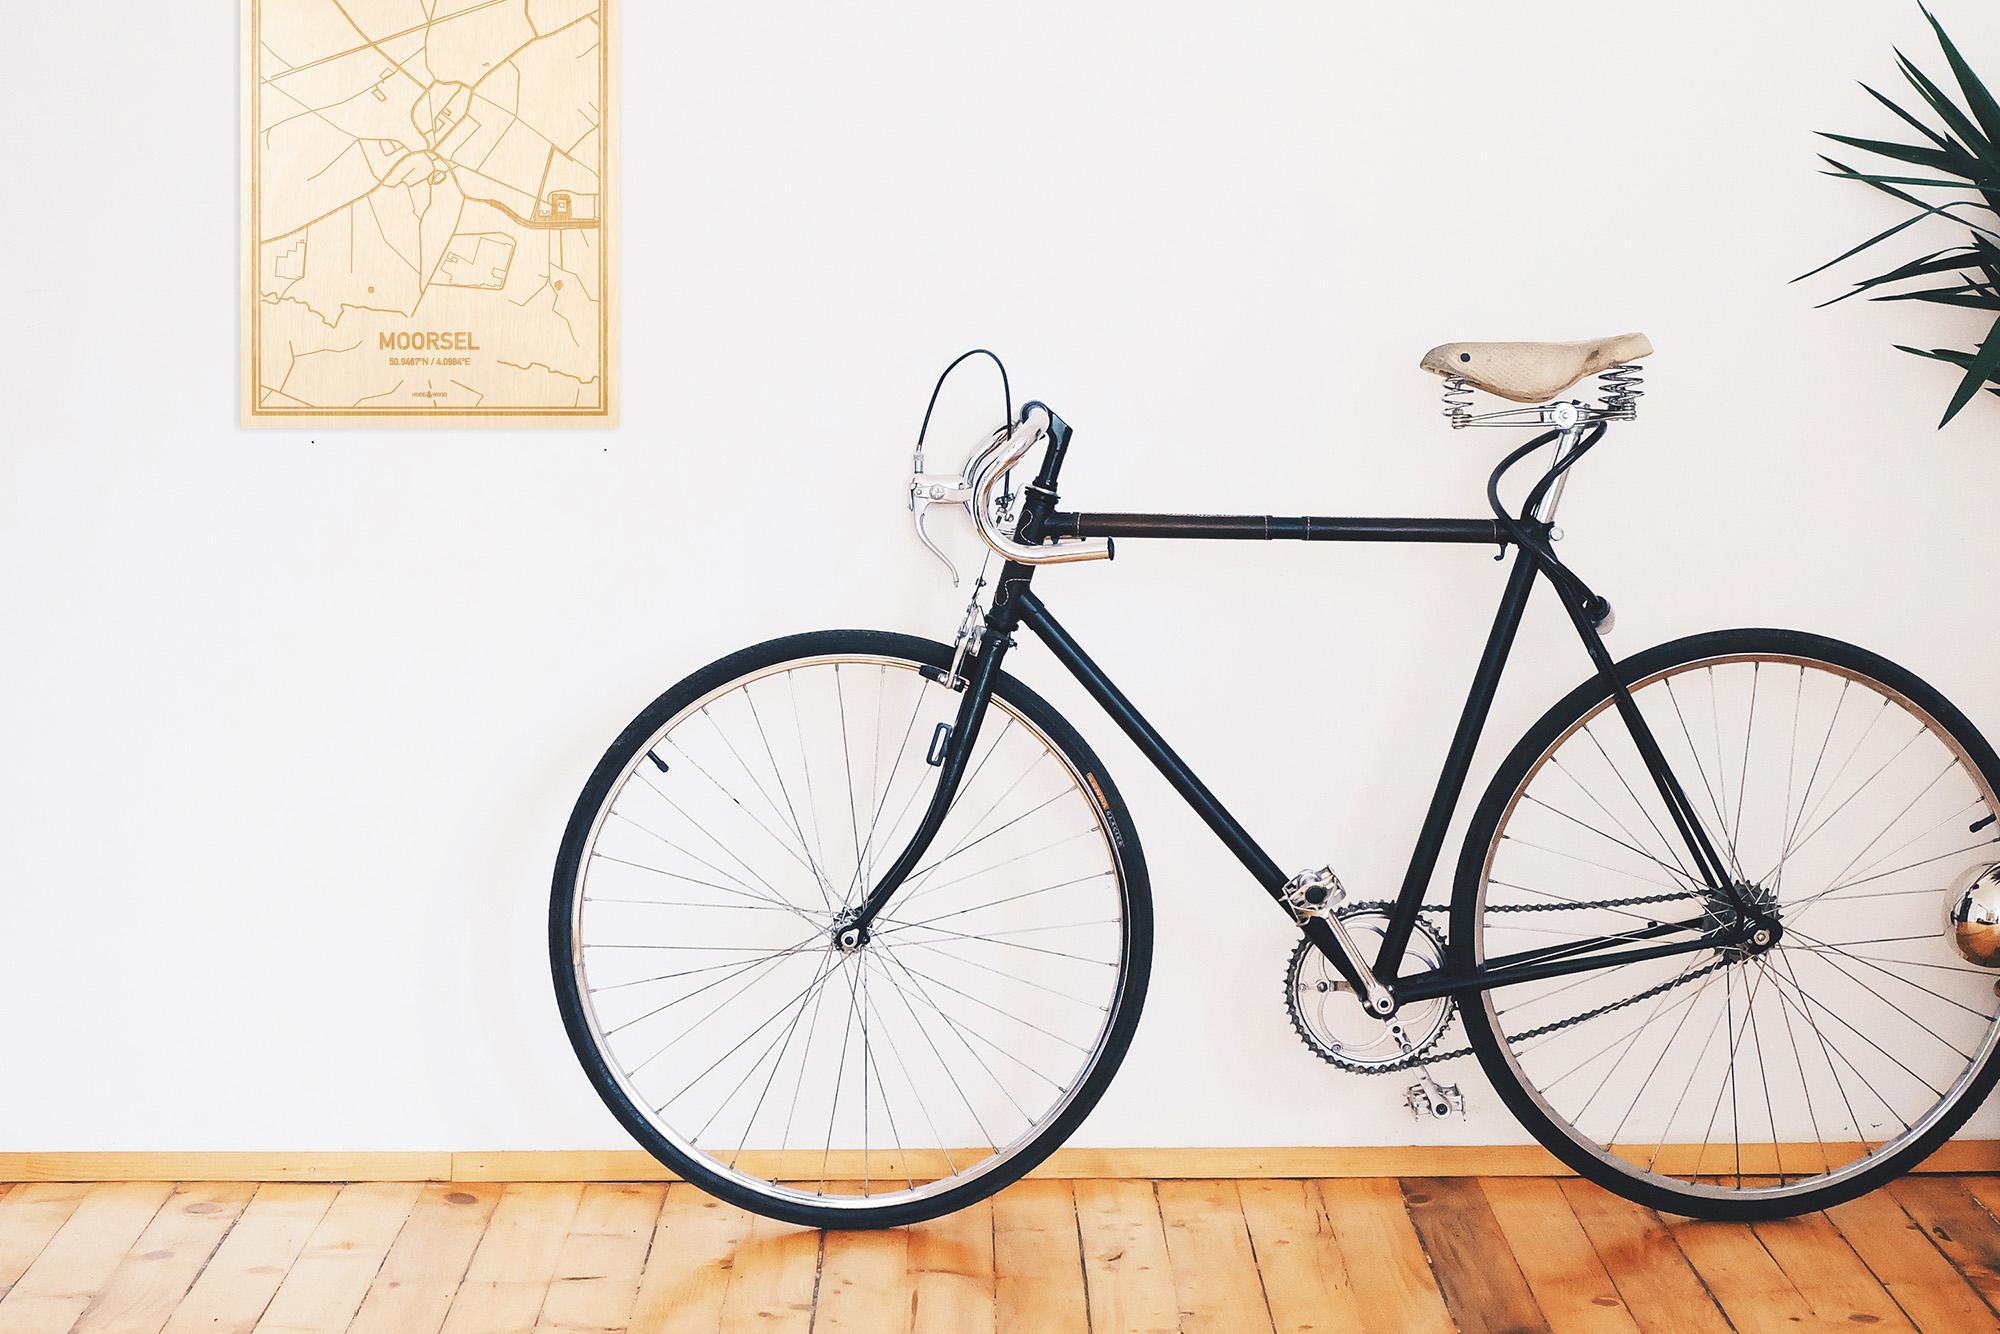 Een snelle fiets in een uniek interieur in Oost-Vlaanderen  met mooie decoratie zoals de plattegrond Moorsel.